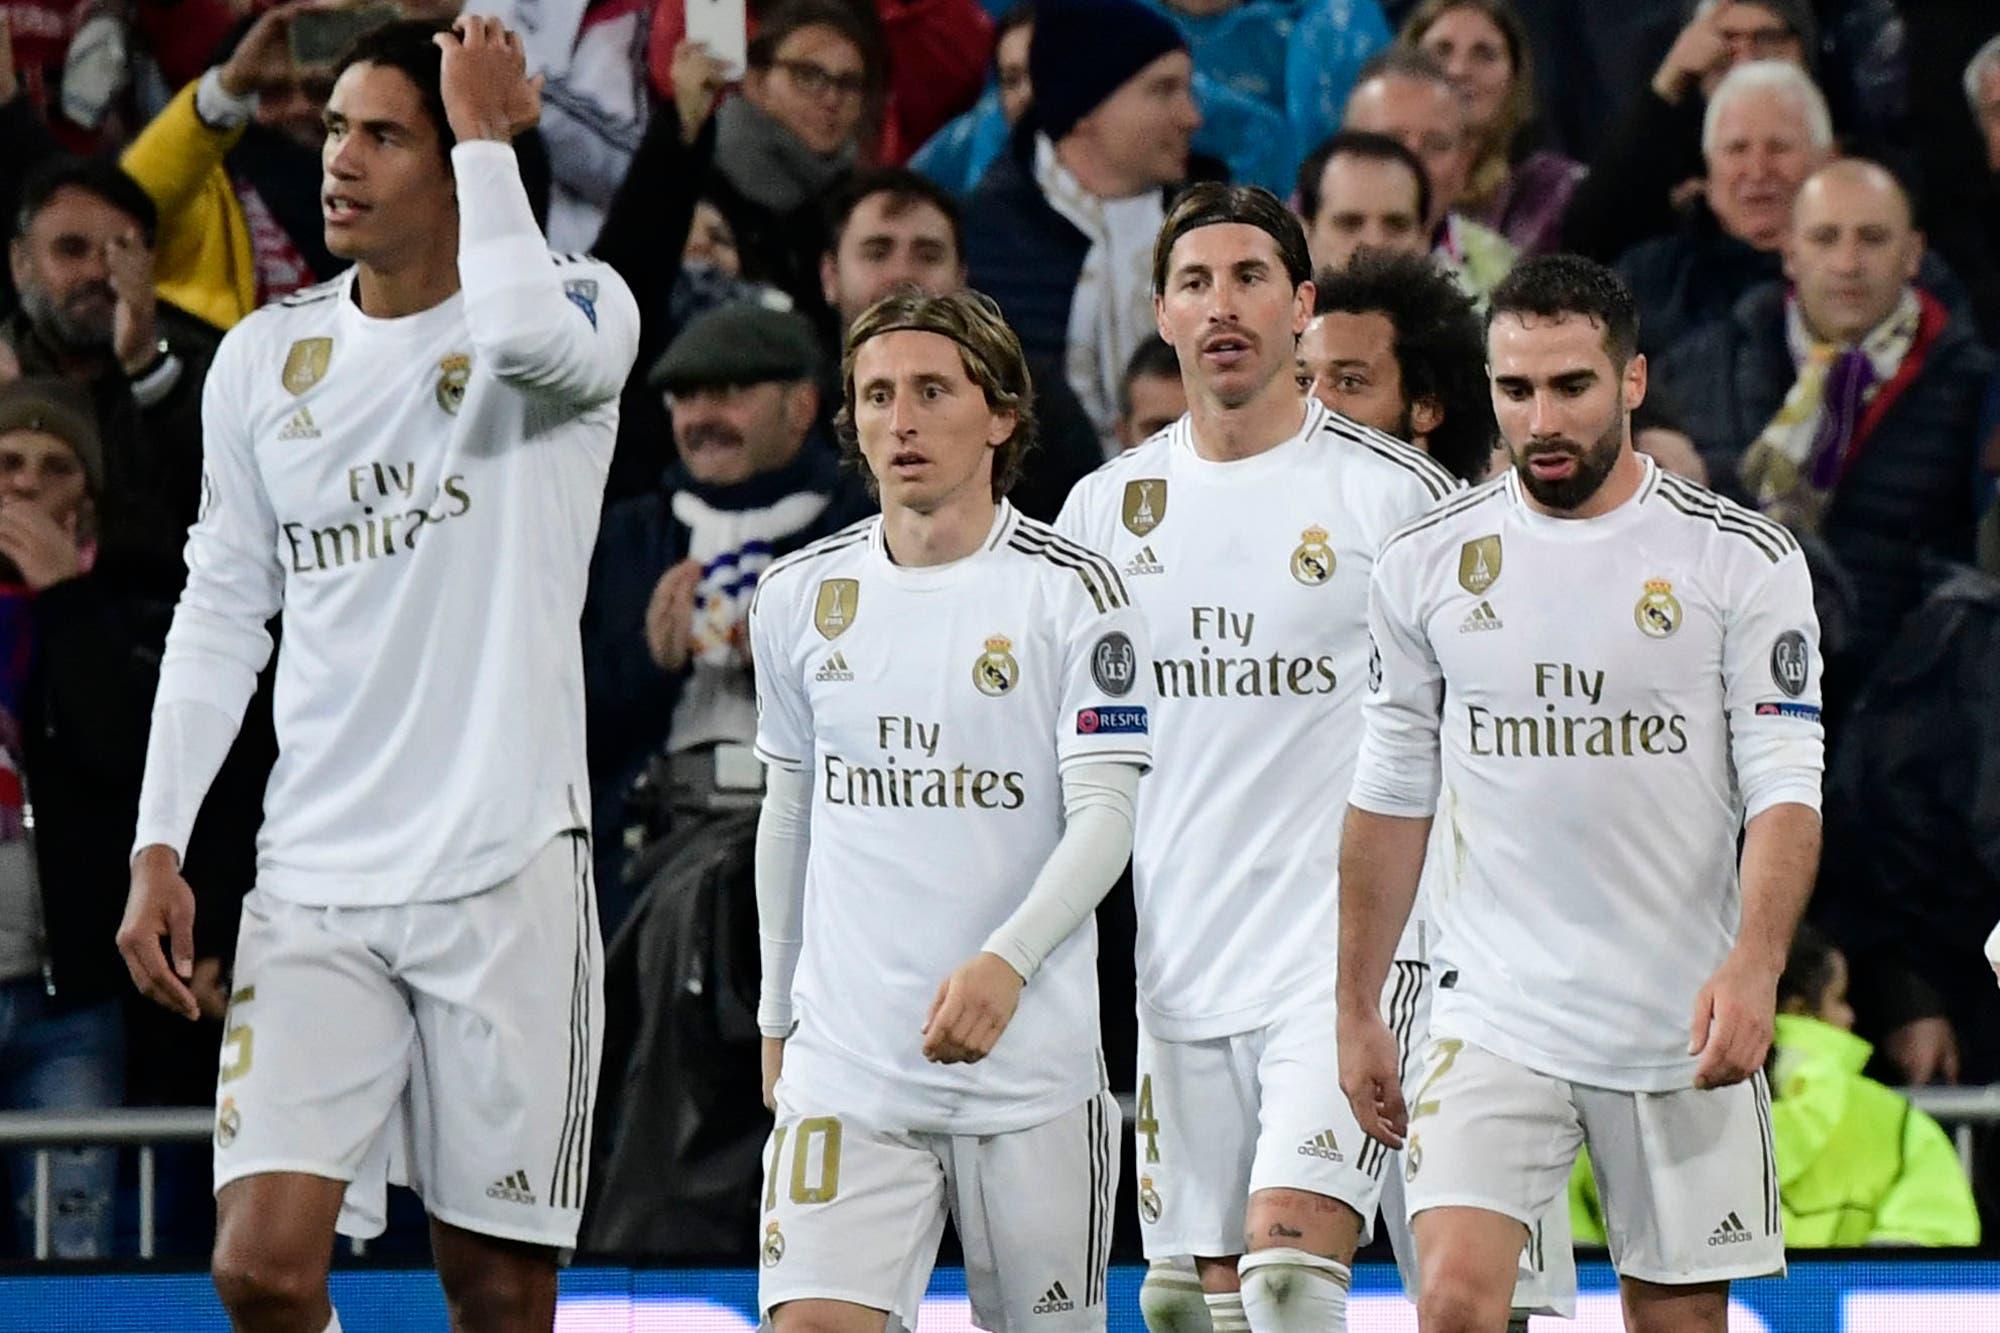 Polémica y decepción: Real Madrid ganaba por 2-0 y PSG se lo igualó en dos minutos y se quedó con el primer lugar del grupo